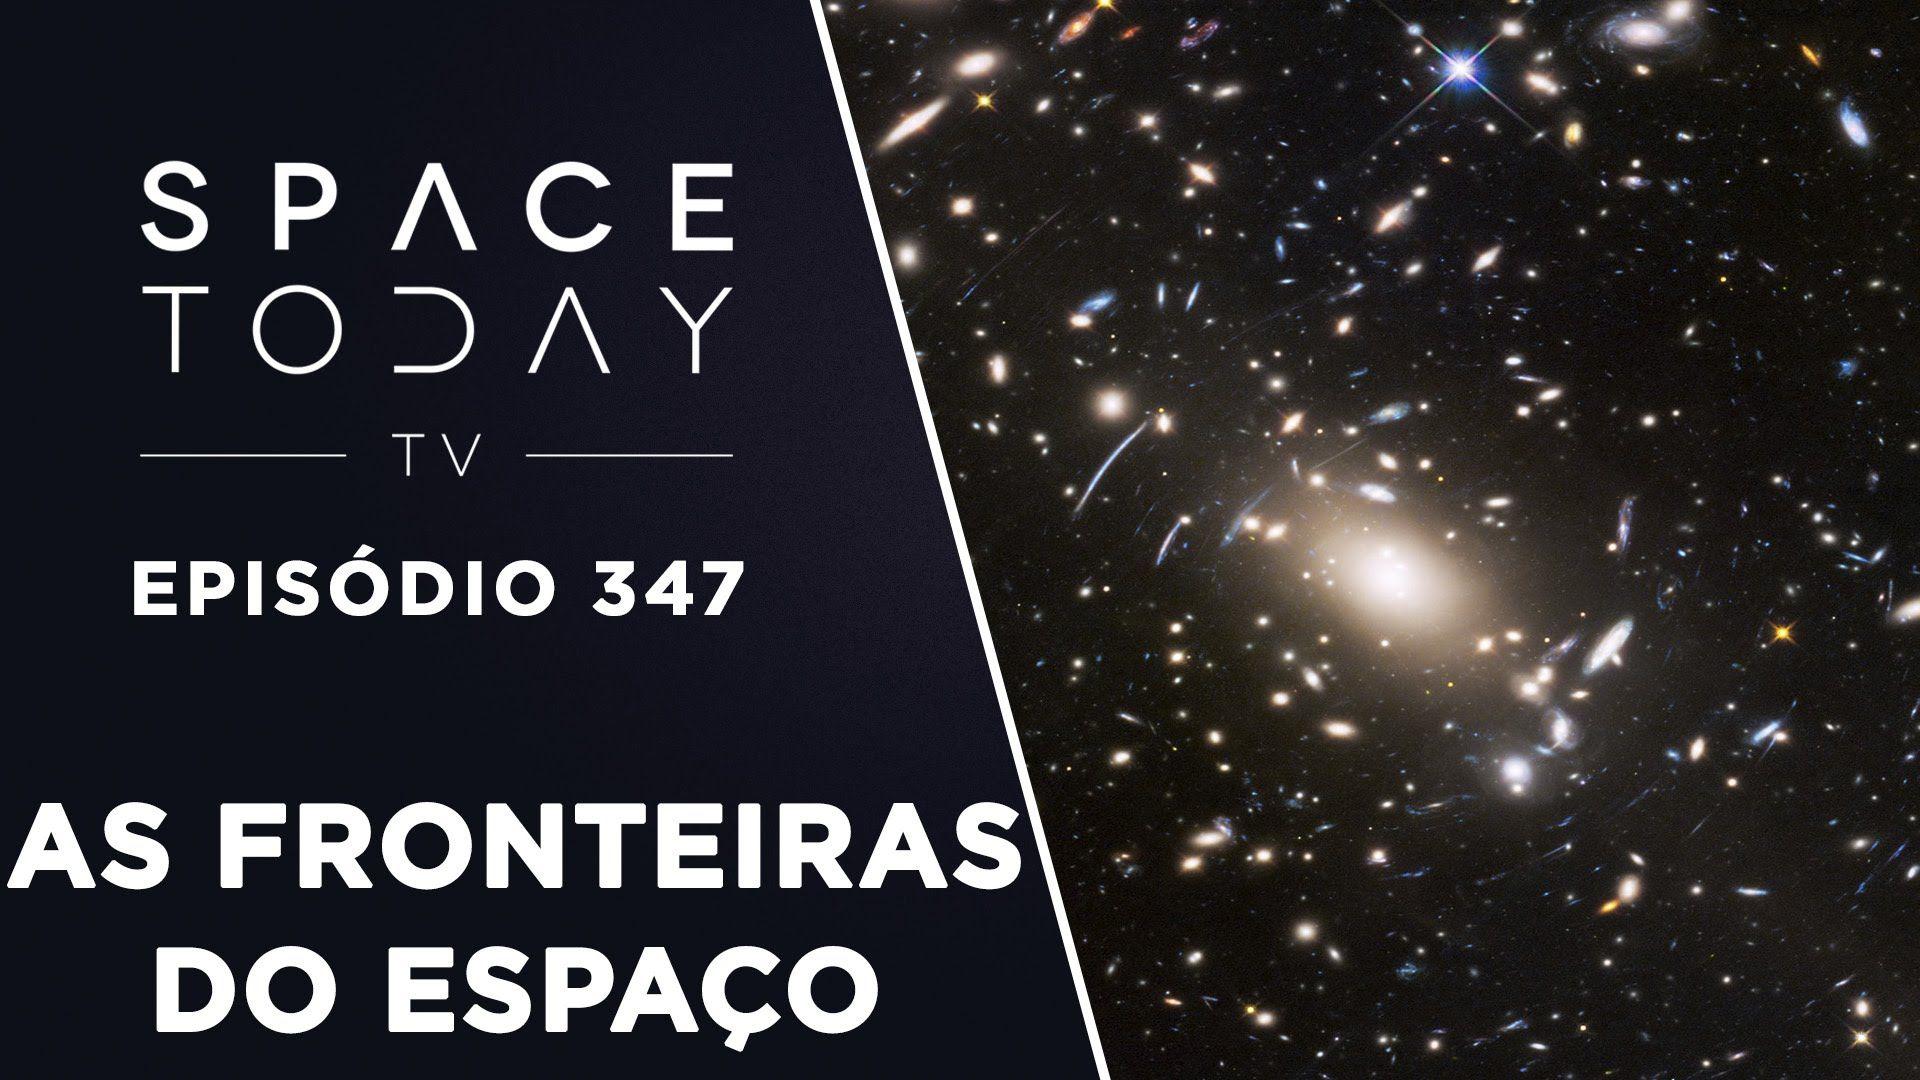 Hubble Estuda As Fronteiras do Espaço - Space Today TV Ep.347